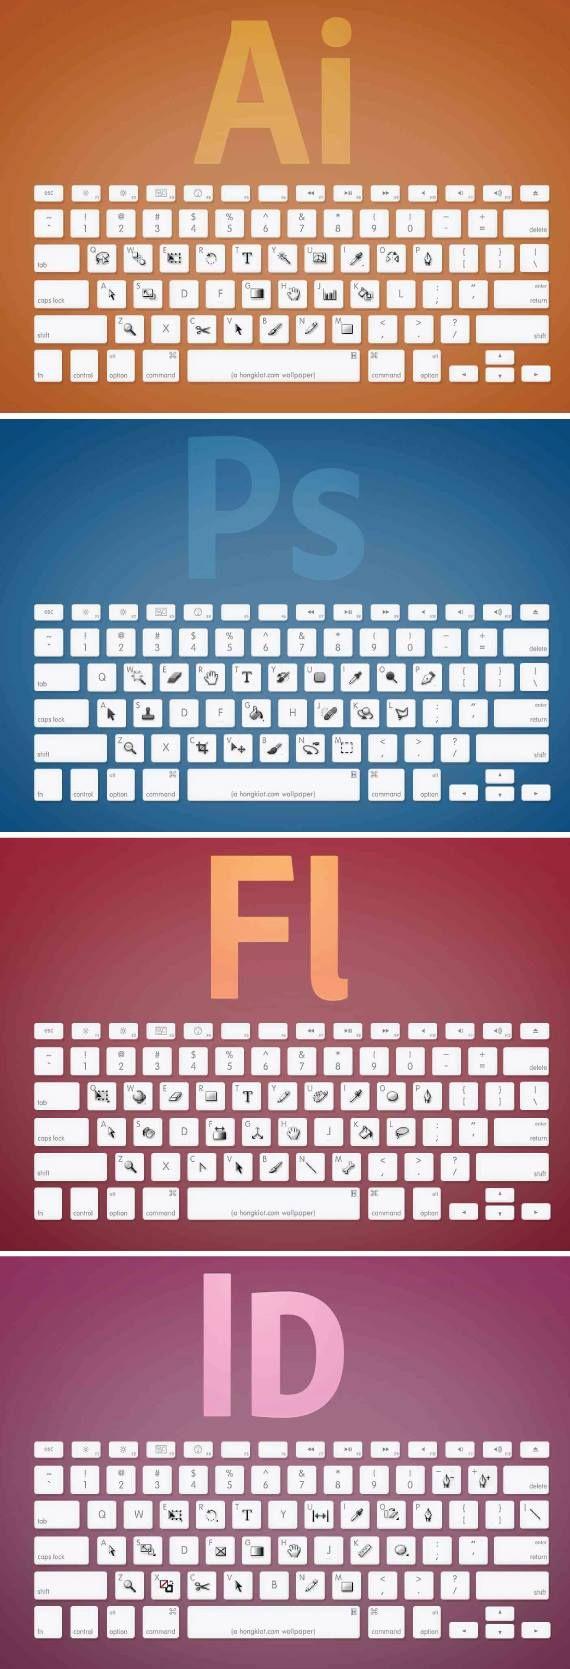 bien pratique c'est claviers !